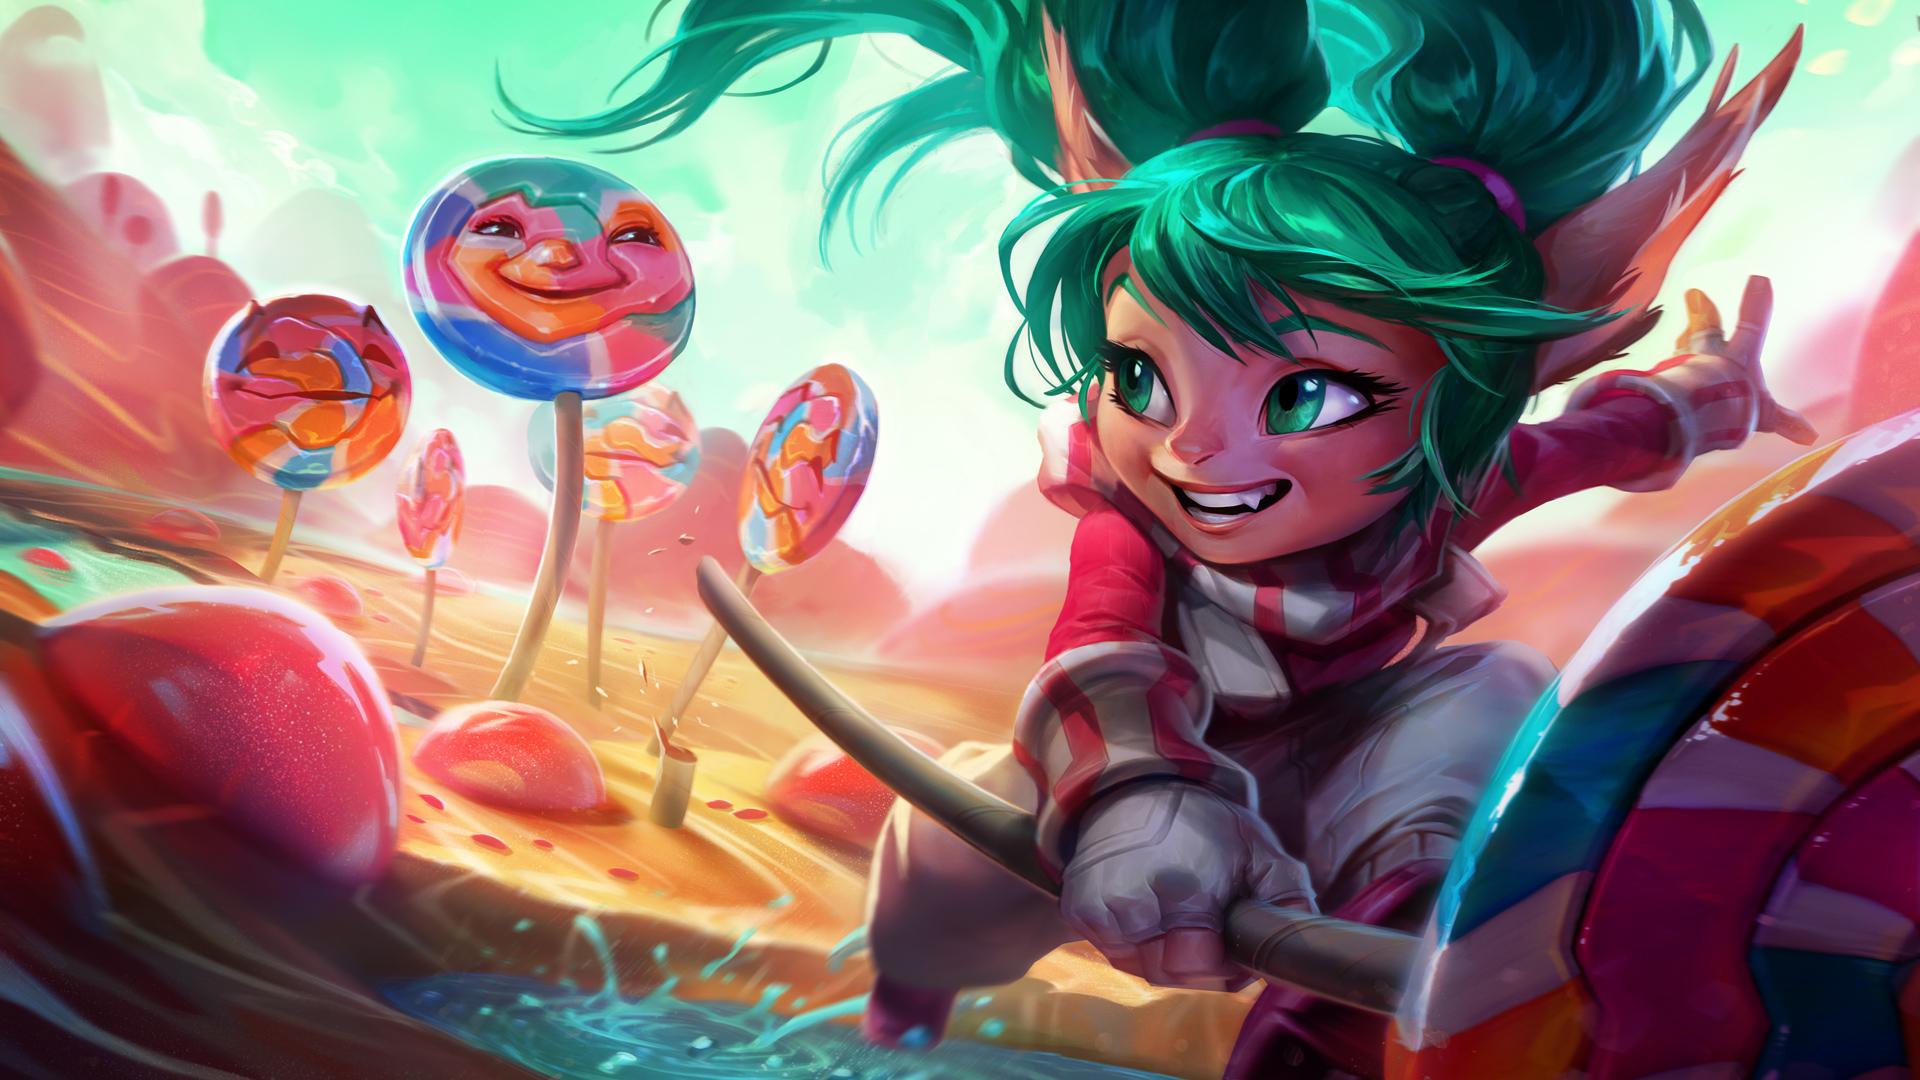 Lollipoppy wallpaper